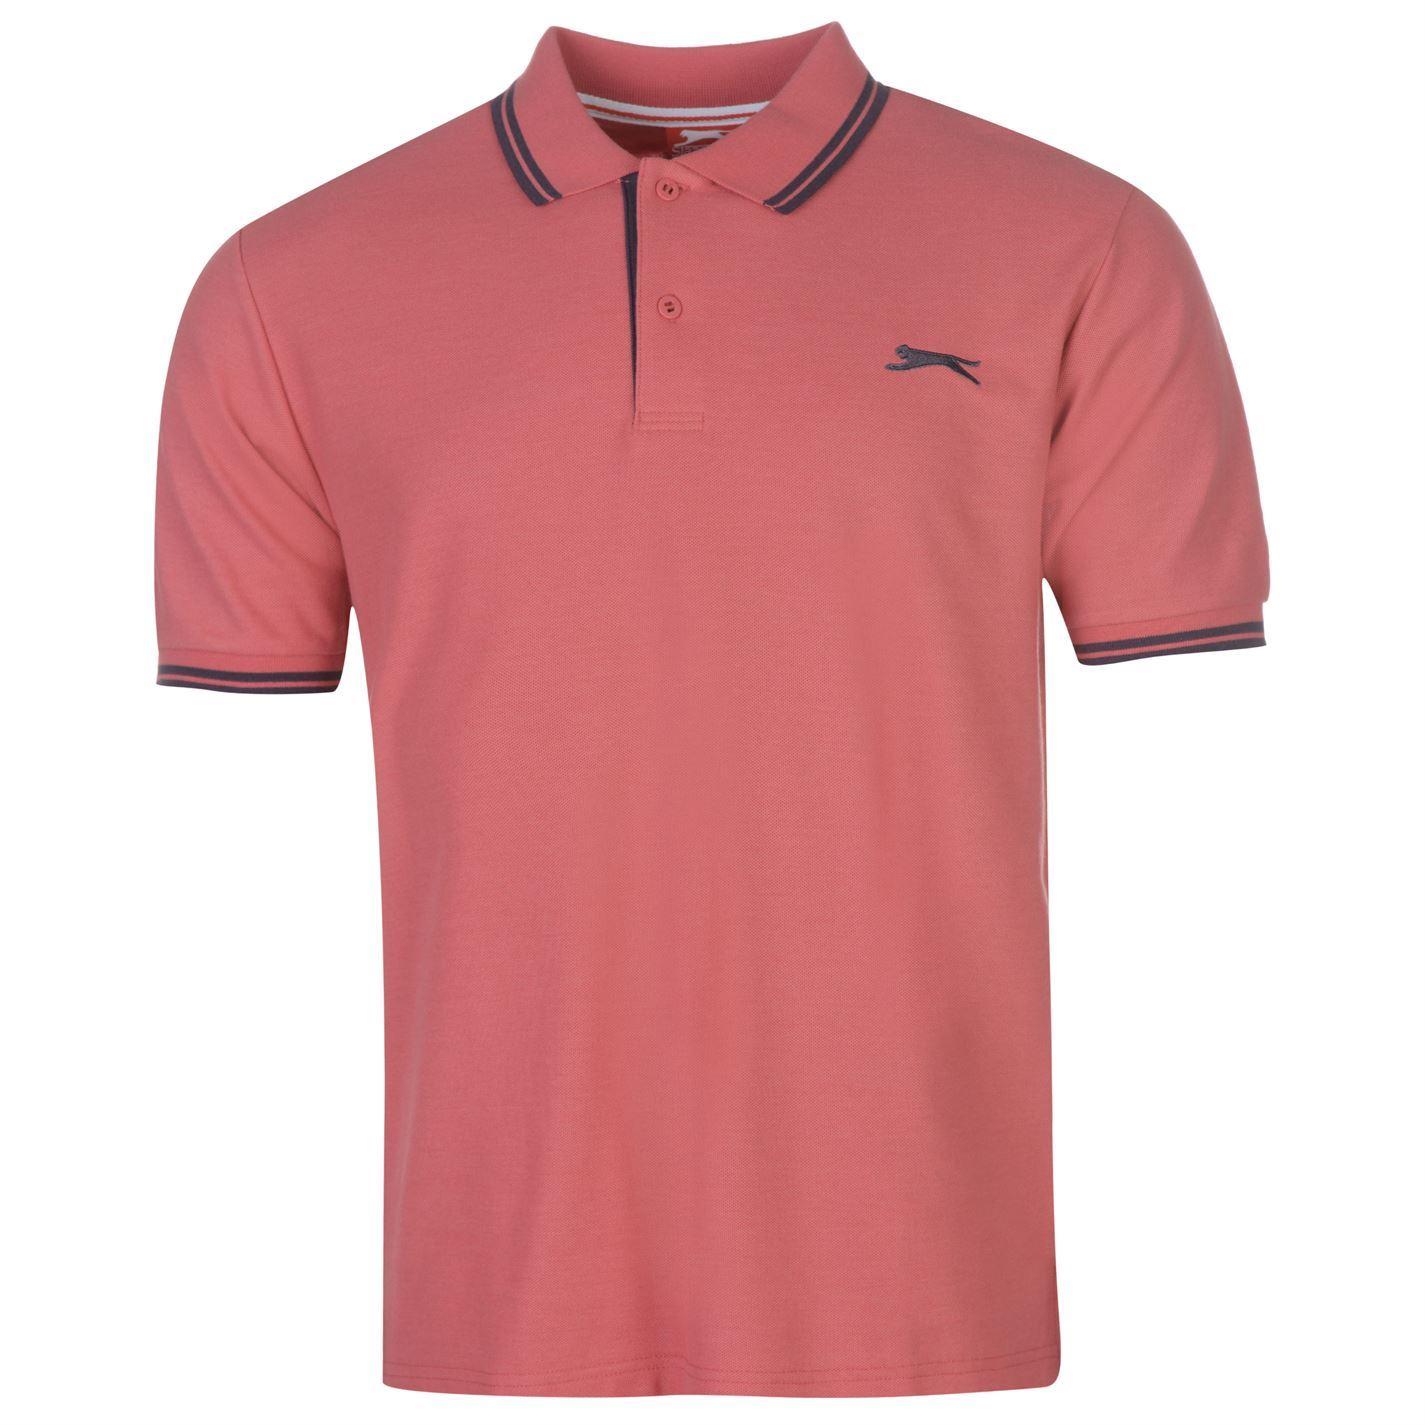 Slazenger-Polo-Camisa-de-hombre-con-cuello-con-Punta-T-Shirt-Top-Camiseta-Tee miniatura 101